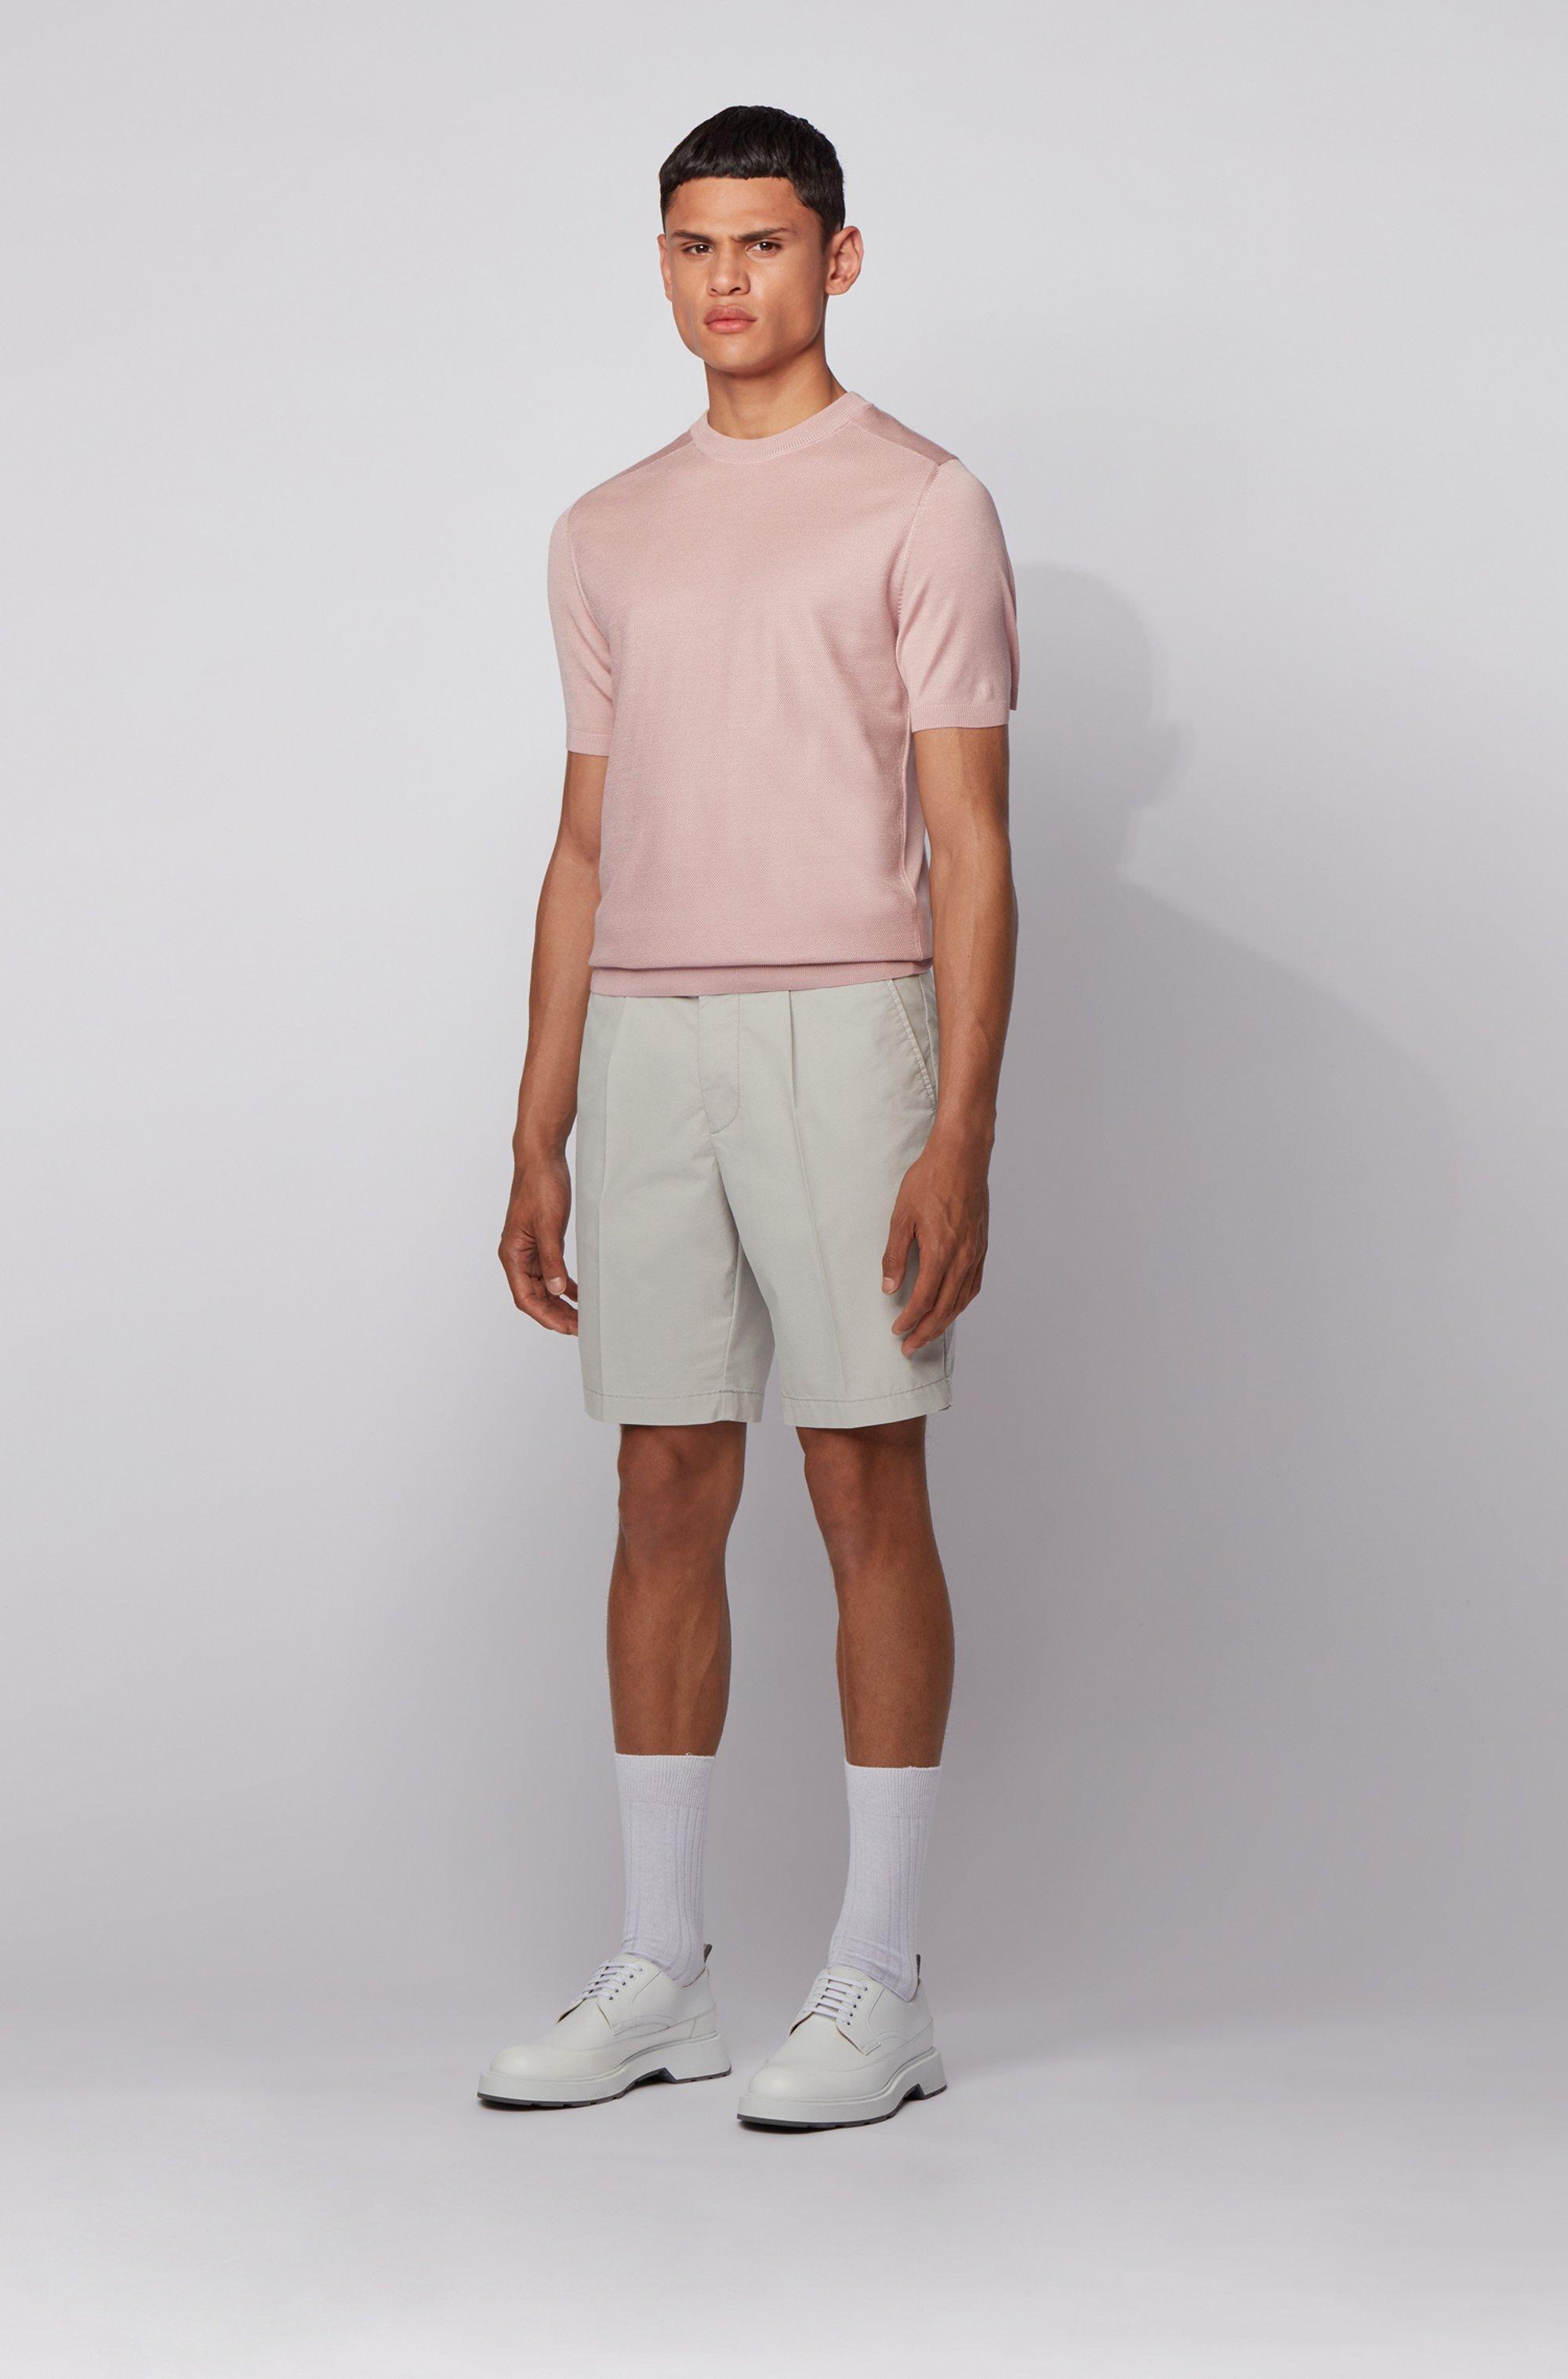 Shorts slim fit de mezcla de algodón con pinzas delanteras